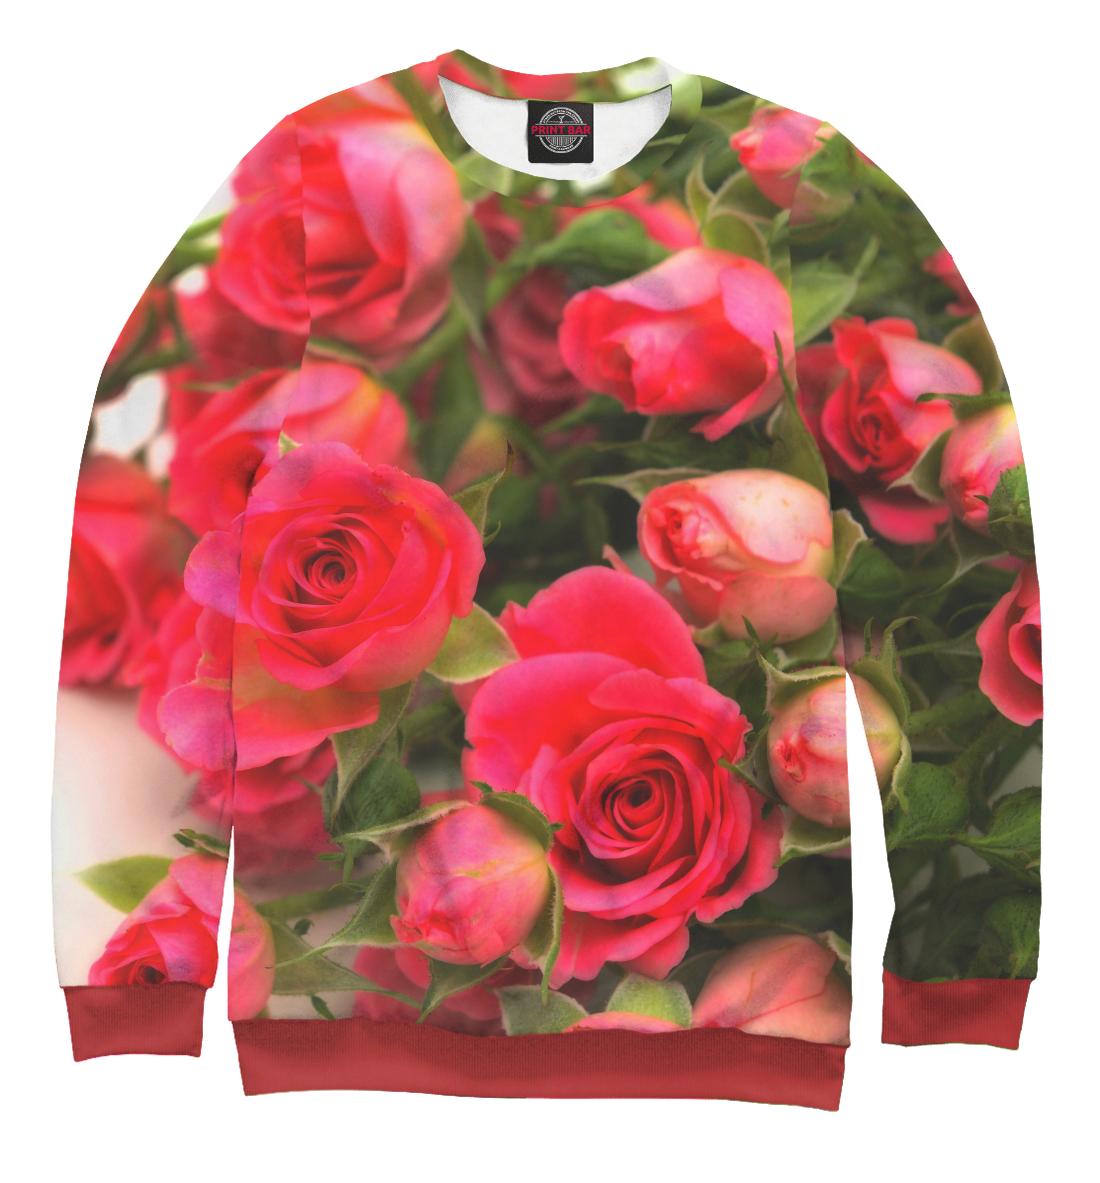 Купить Розы, Printbar, Свитшоты, CVE-107058-swi-1